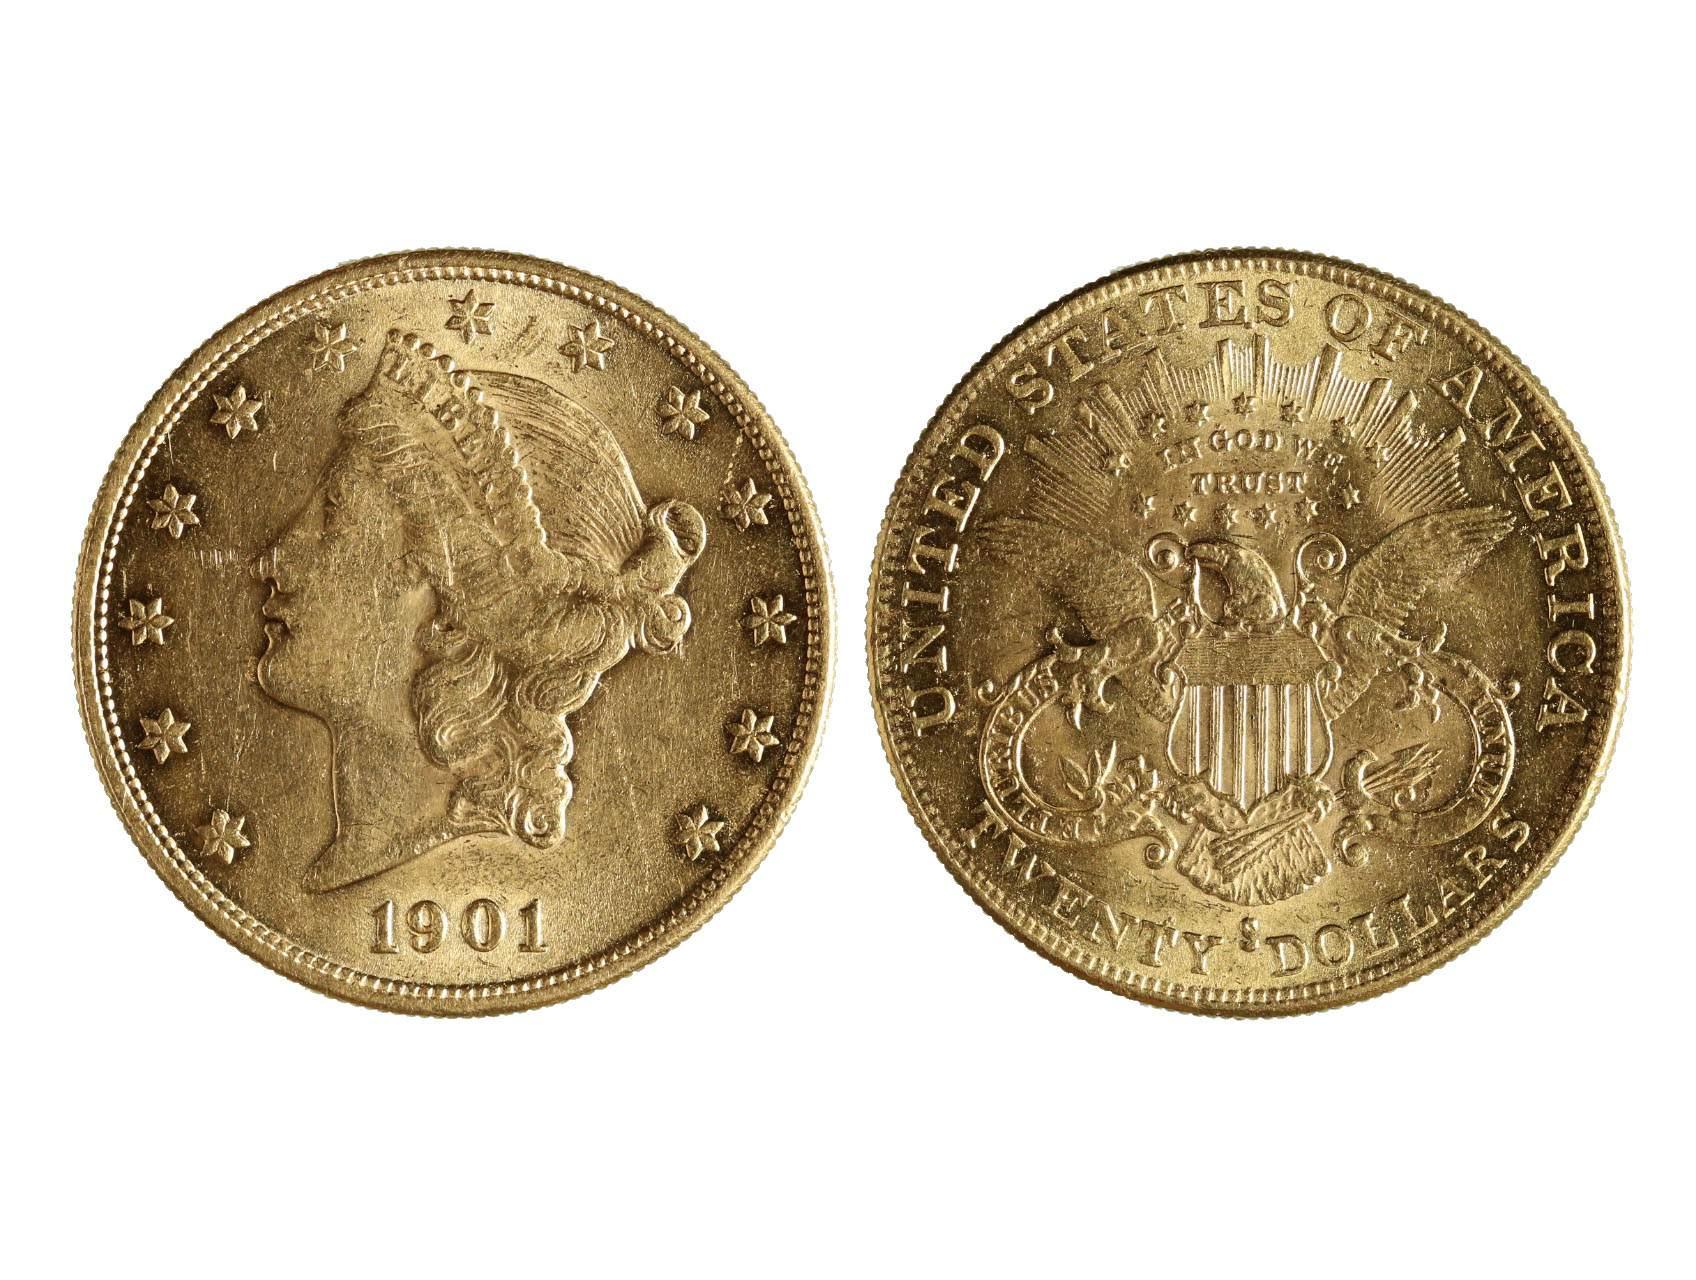 USA, 20 Dollar 1901 S, 33,436 g